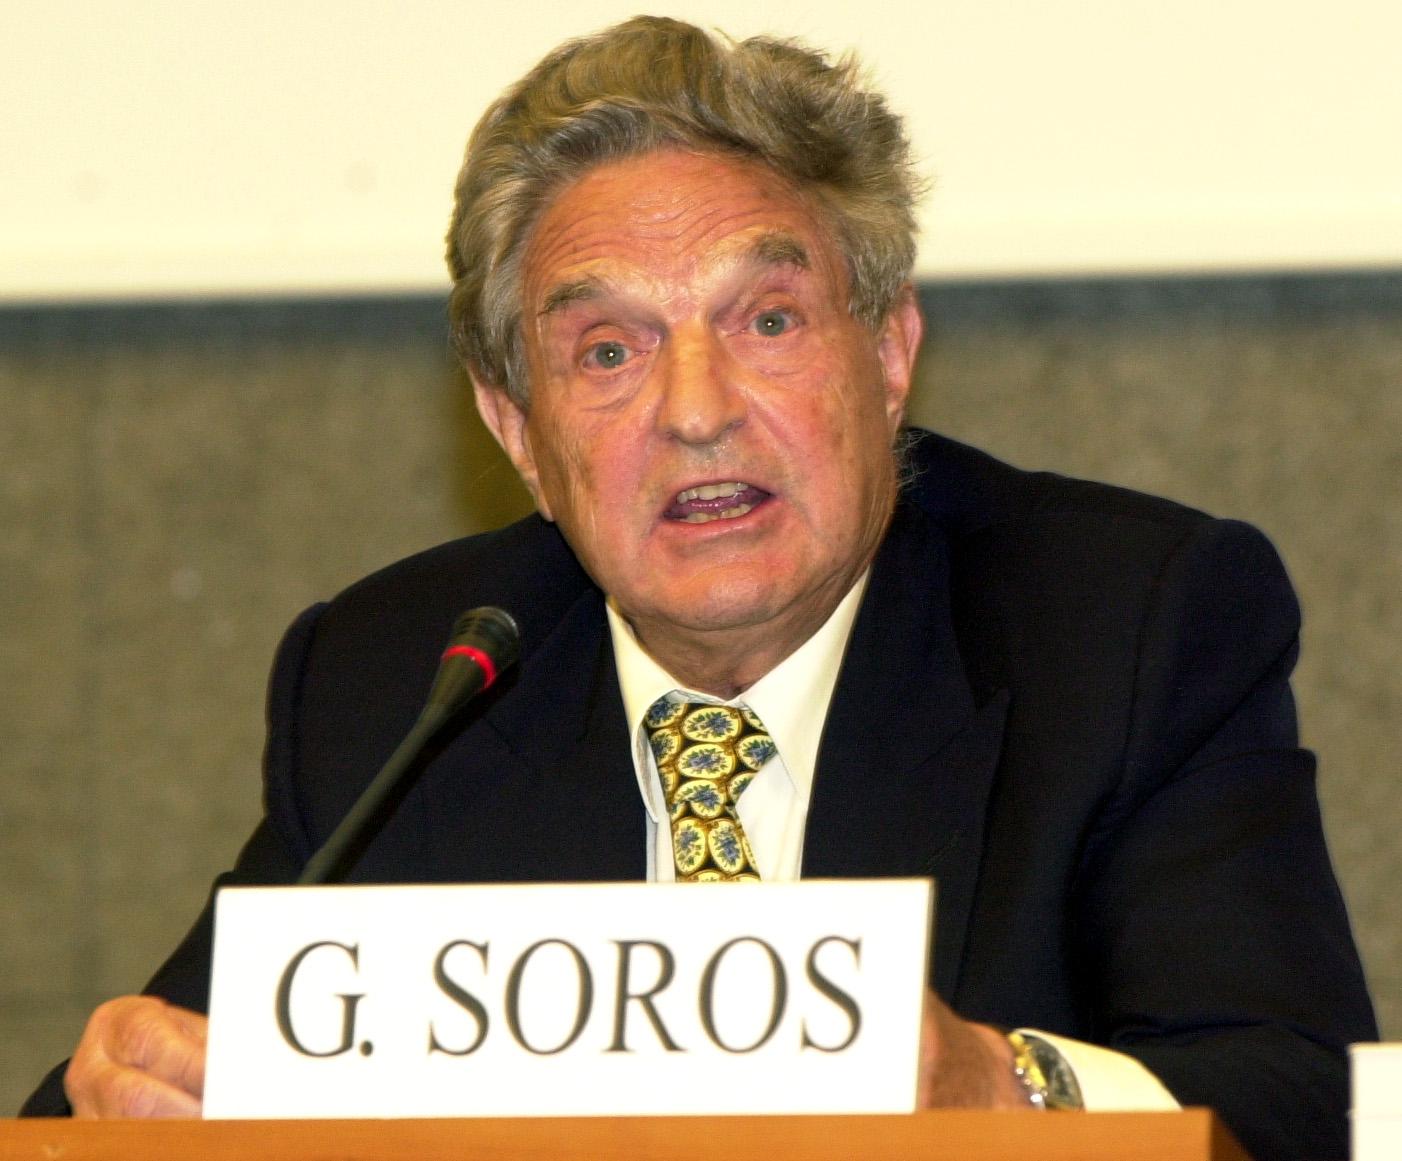 해킹된 이메일이 조지 소로스가 우크라이나의 숨은 실세임을 드러내다.